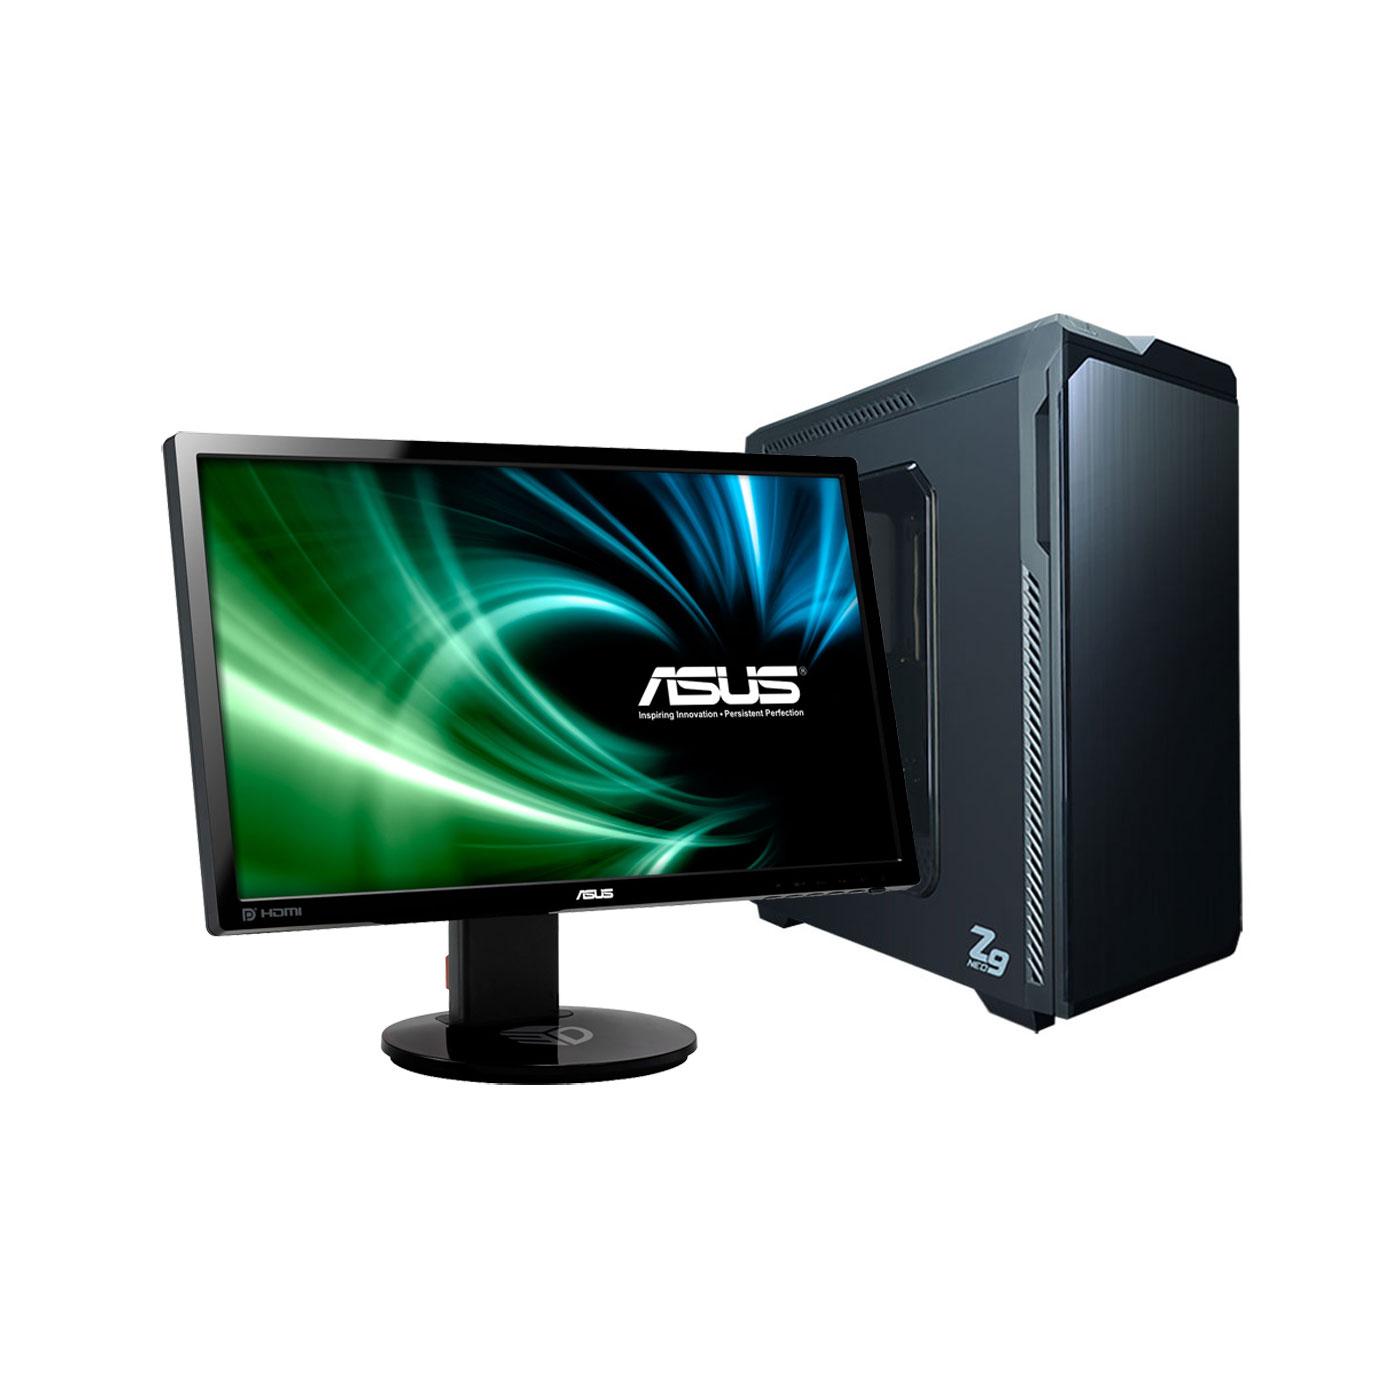 """PC de bureau LDLC PC10 Magna + ASUS 24"""" LED 3D - VG248QE Intel Core i5-8400 8 Go HDD 1 To NVIDIA GeForce GTX 1070 Ti 8 Go Graveur DVD Wi-FI N Windows 10 Famille 64 bits (monté) + Ecran 24 pouces FHD 144 Hz"""